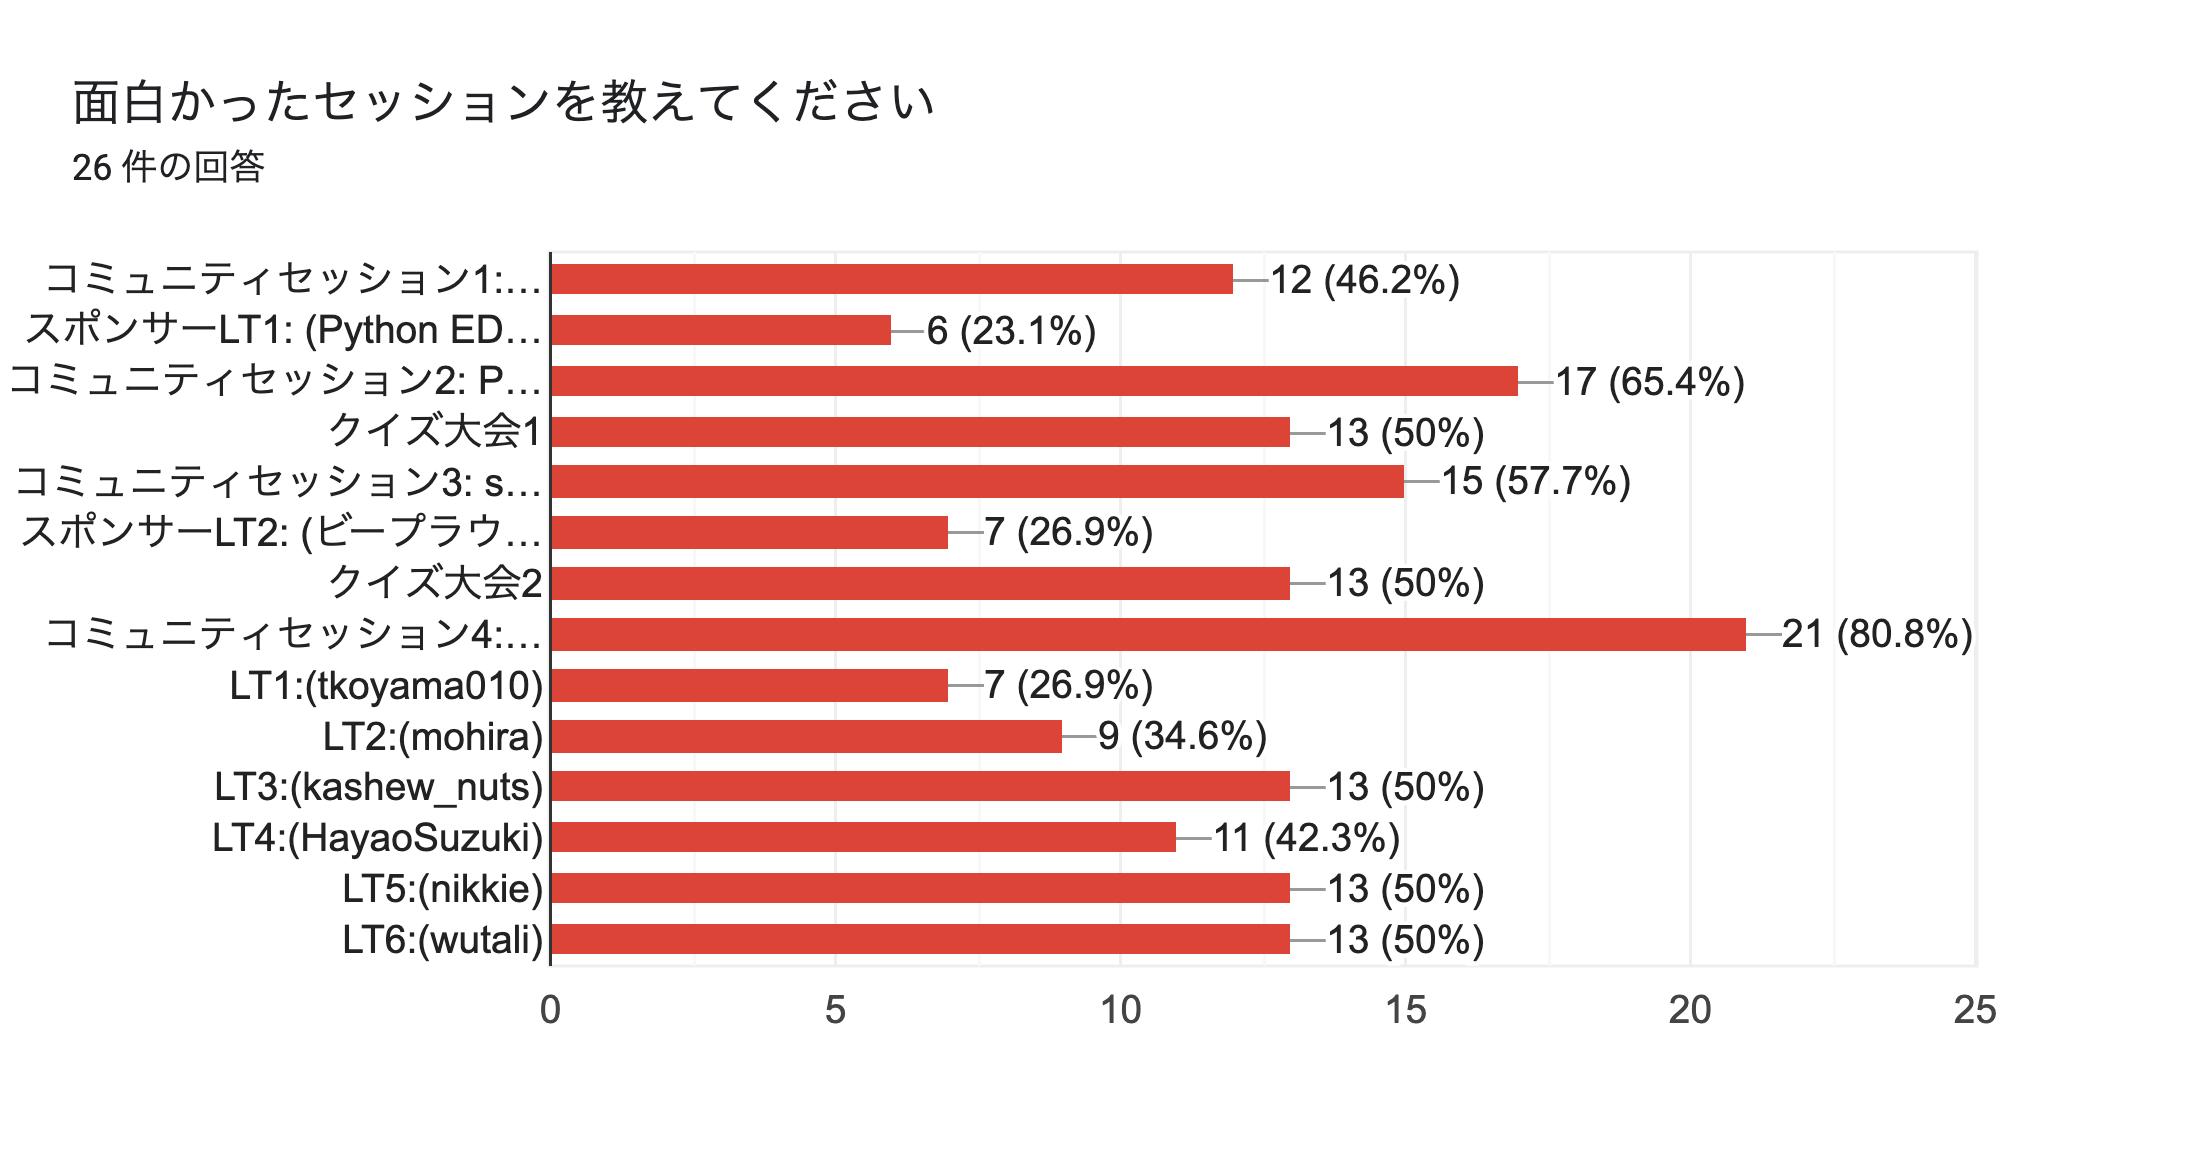 フォームの回答のグラフ。質問のタイトル: 面白かったセッションを教えてください。回答数: 26 件の回答。